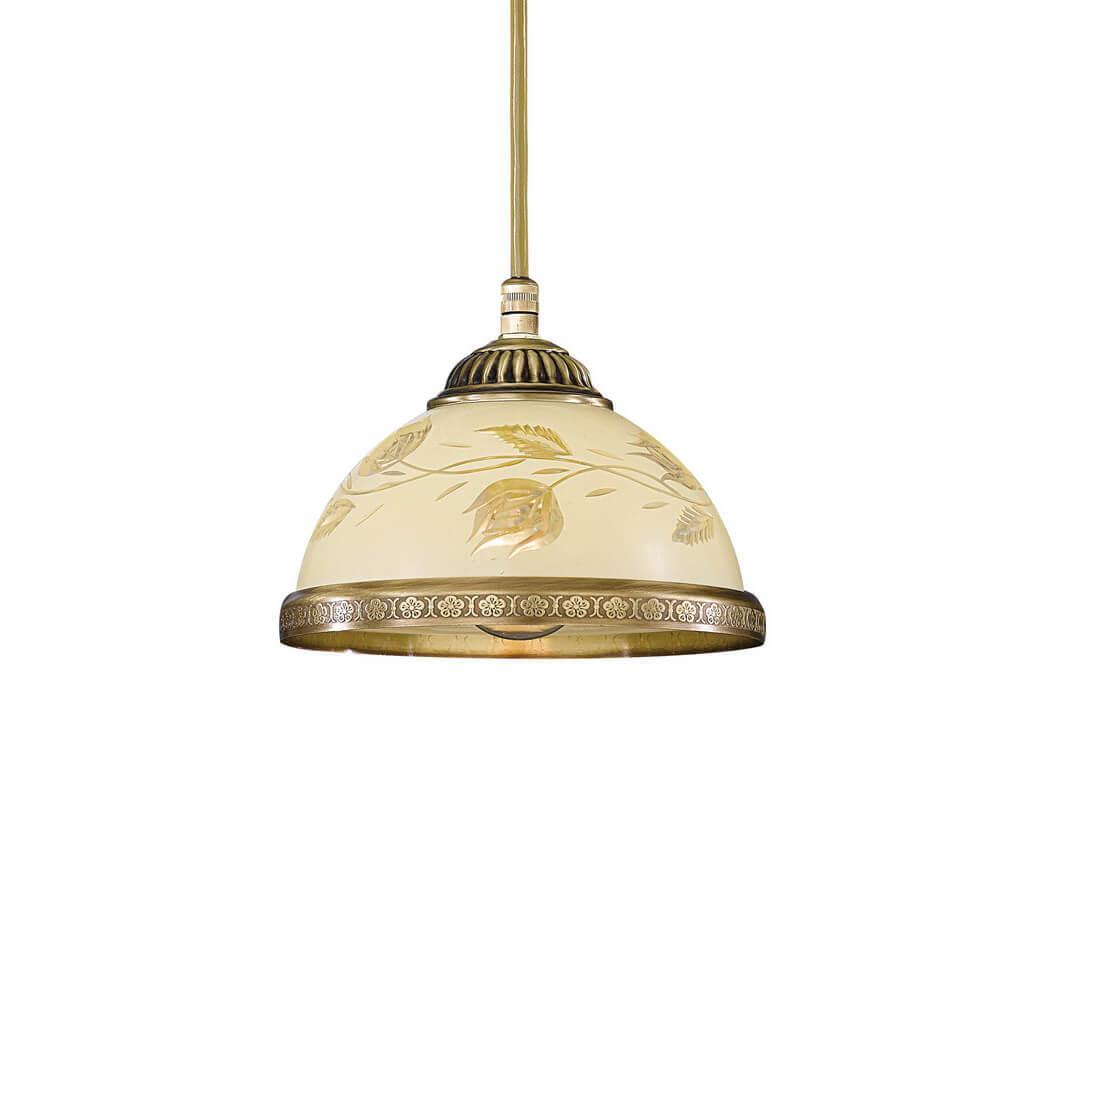 Фото Подвесной светильник Reccagni Angelo 6208 L 6208/16